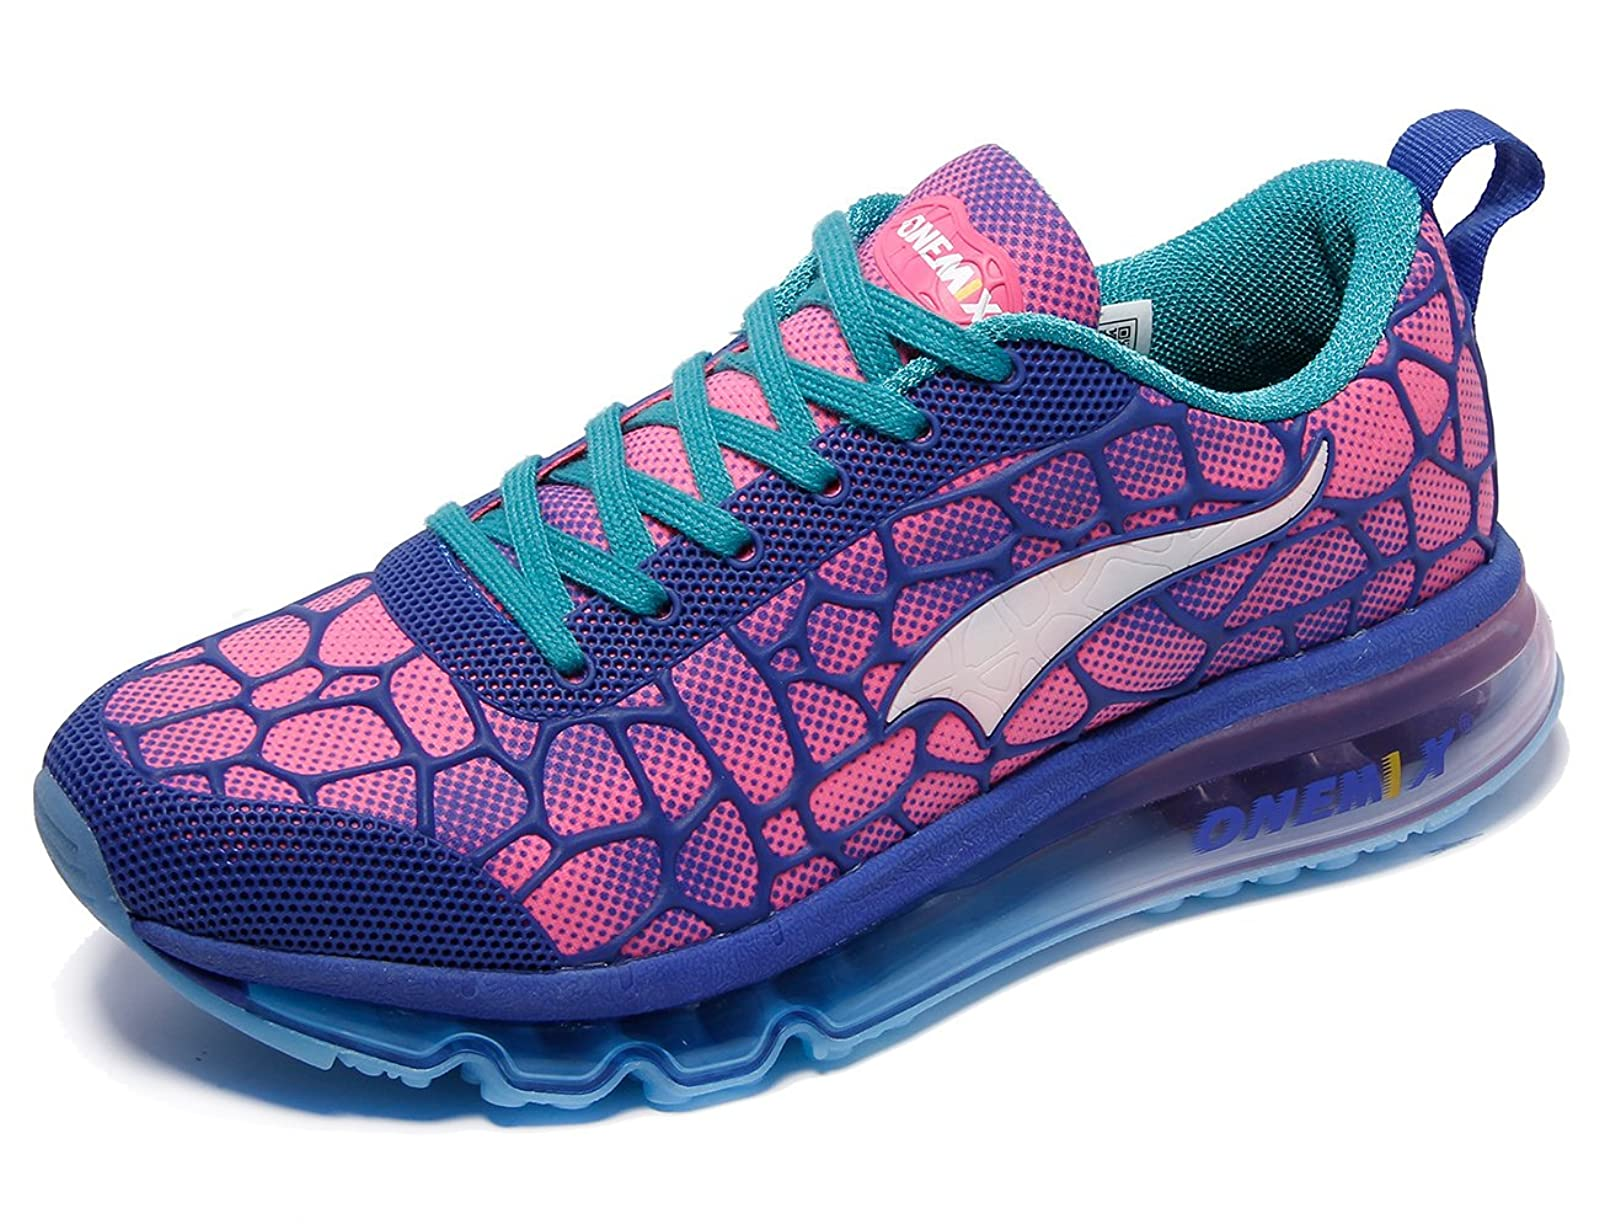 ONEMIX Women's Air Cushiong Running ShoesLightweight W1096 - 1